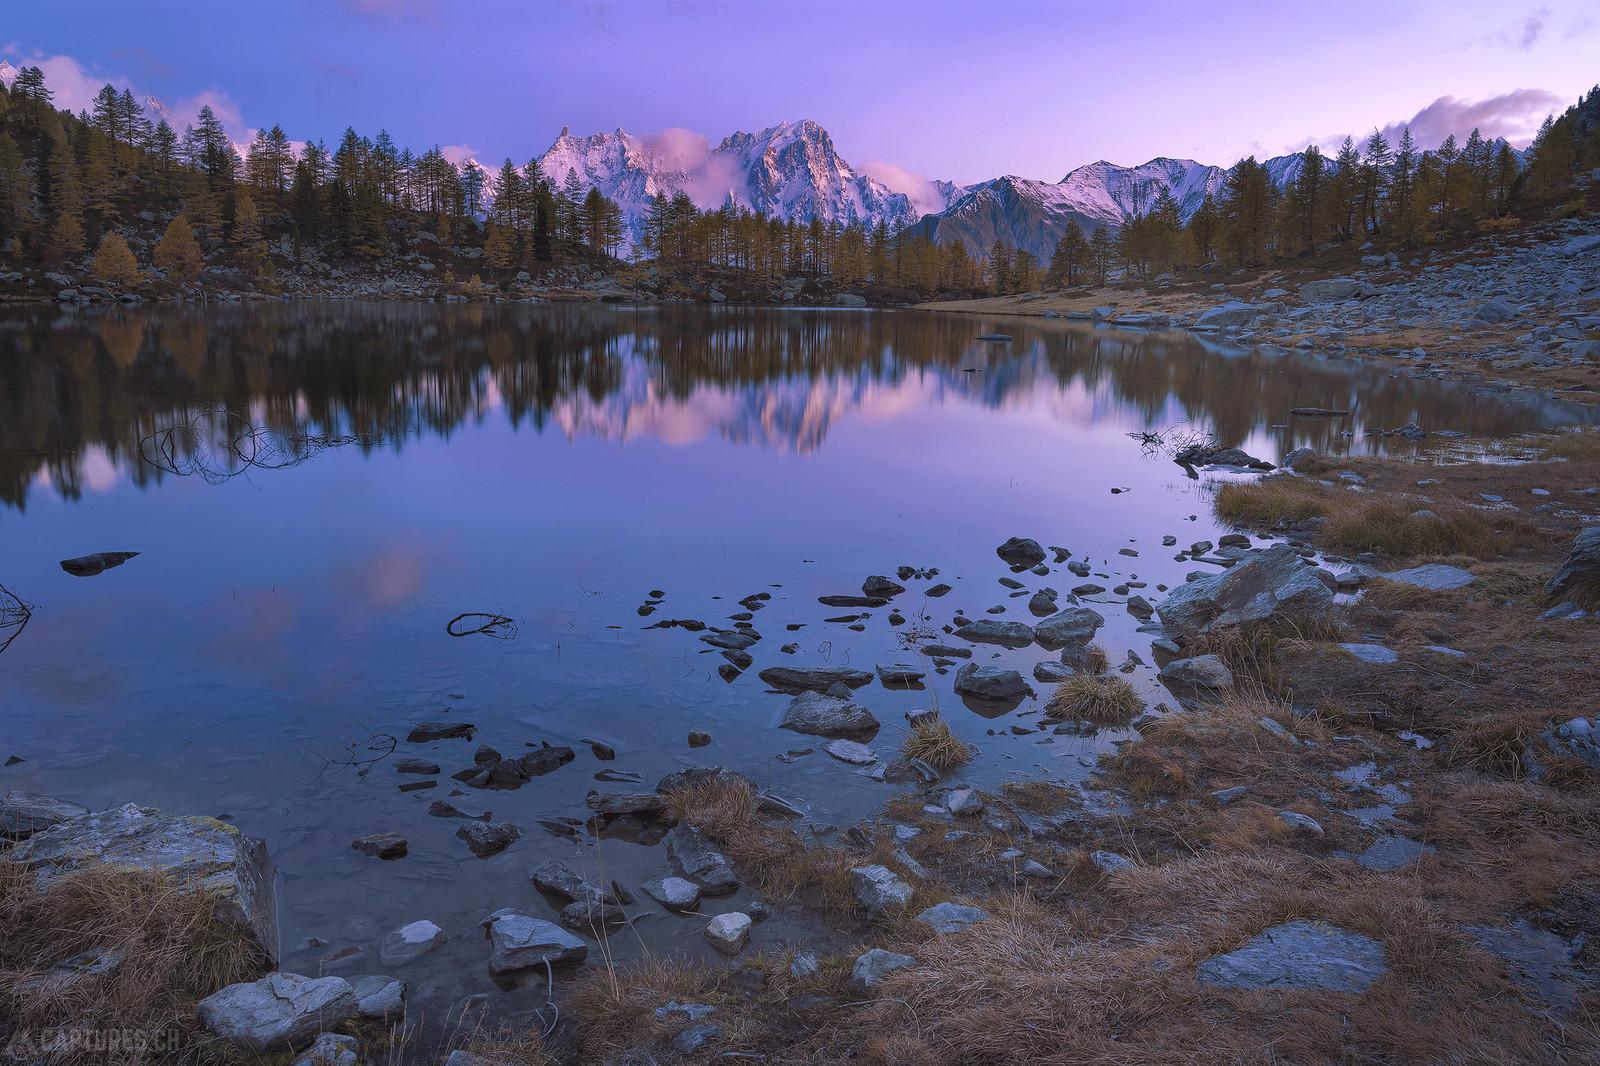 Dawn at the lake - Lago d'Arpy